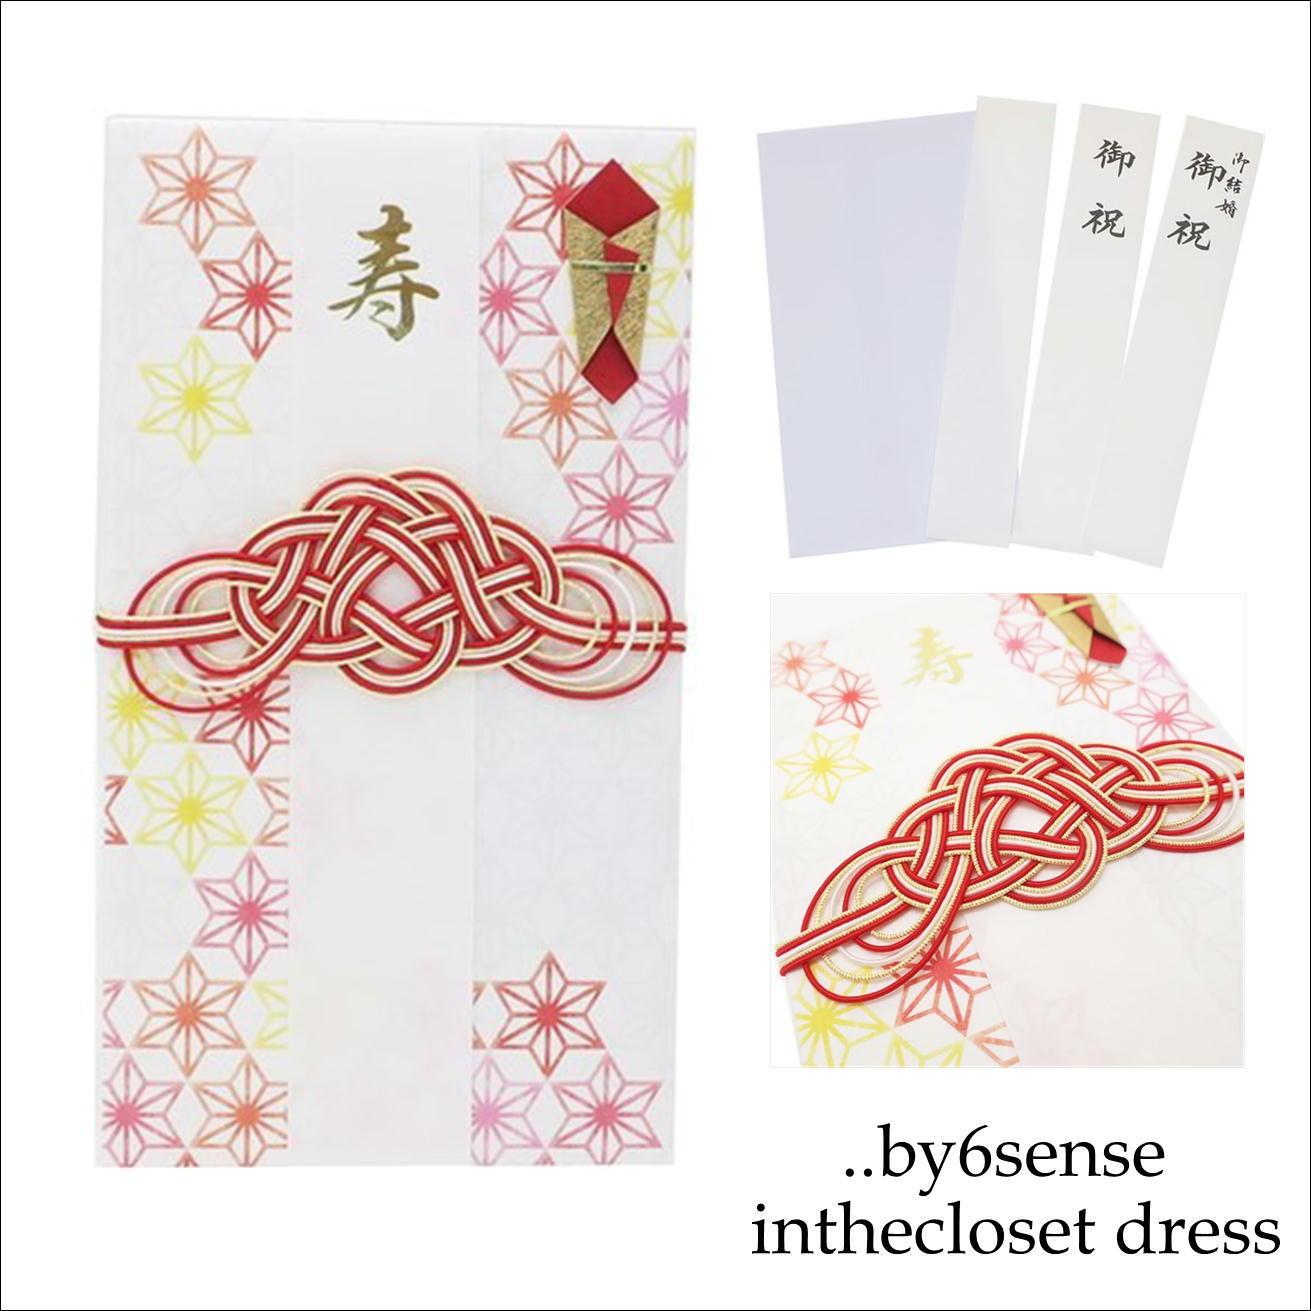 小紋金封/ご祝儀袋/麻の葉 浜松ドレスショップ..by6sense dress zazacity